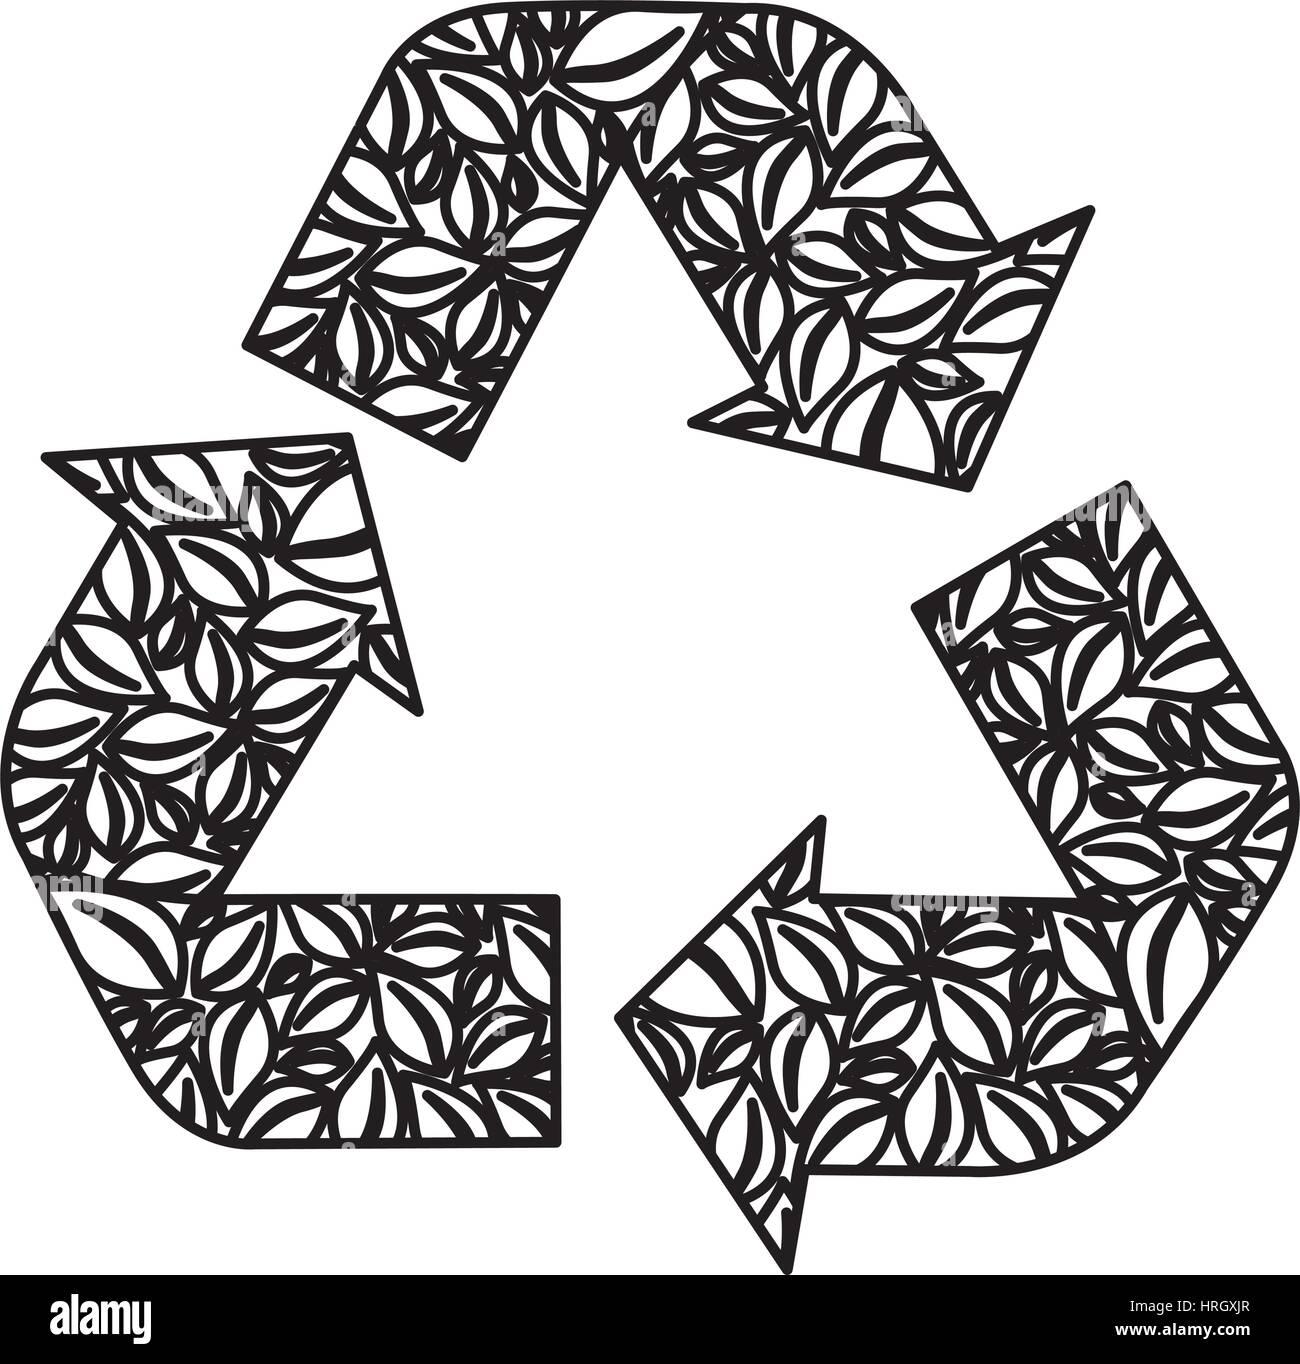 La figura simbolo del riutilizzo, ridurre e riciclare icona Immagini Stock